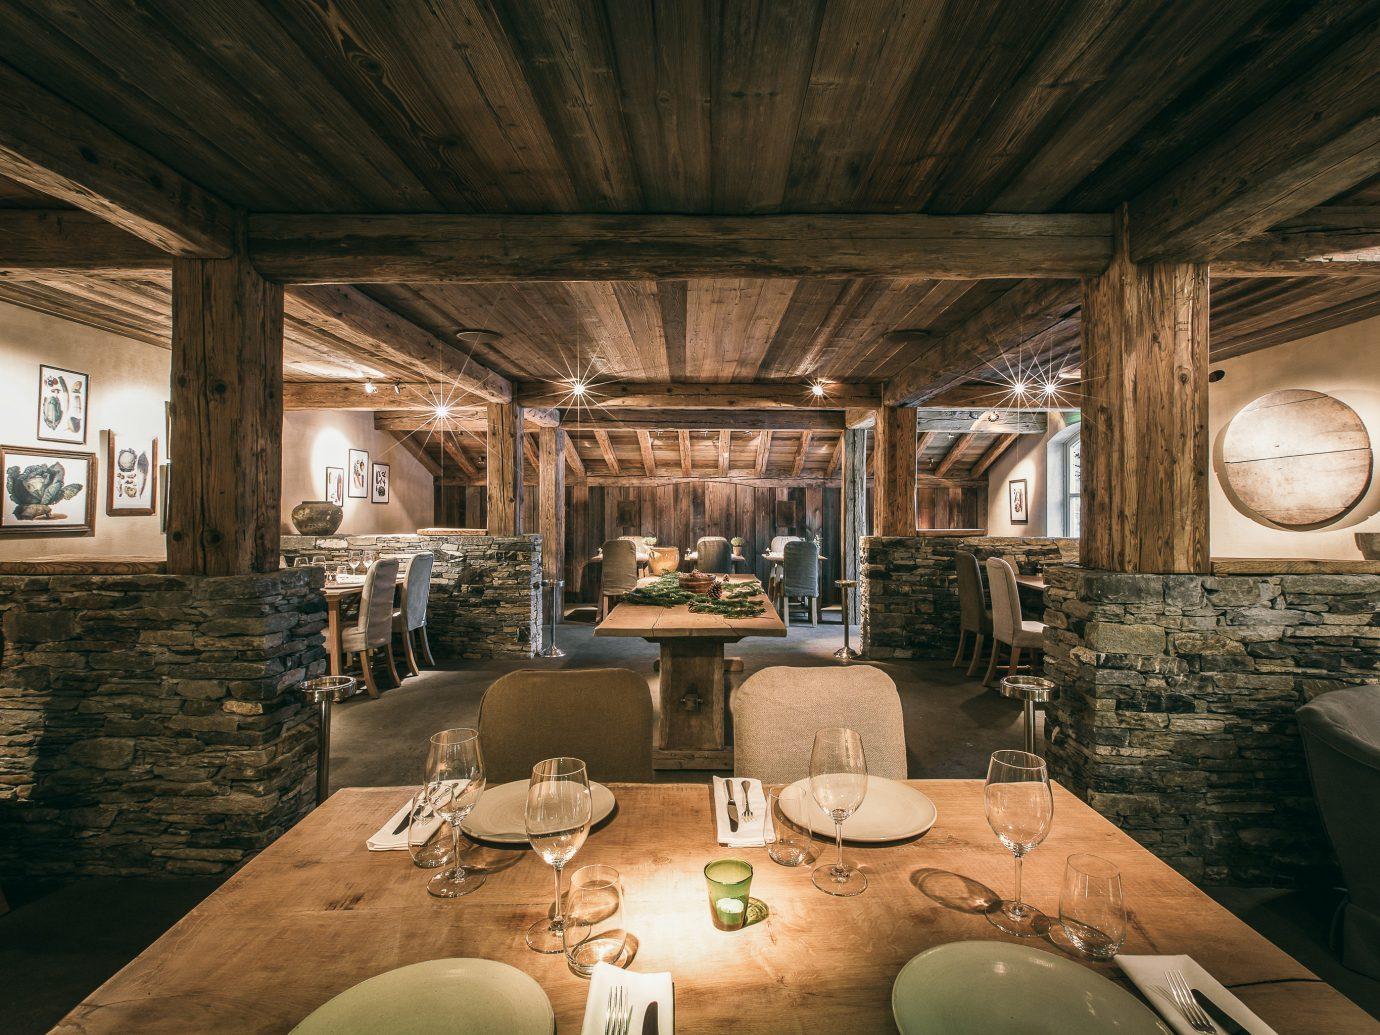 Secret Getaways Trip Ideas Winter indoor ceiling room restaurant interior design table area furniture